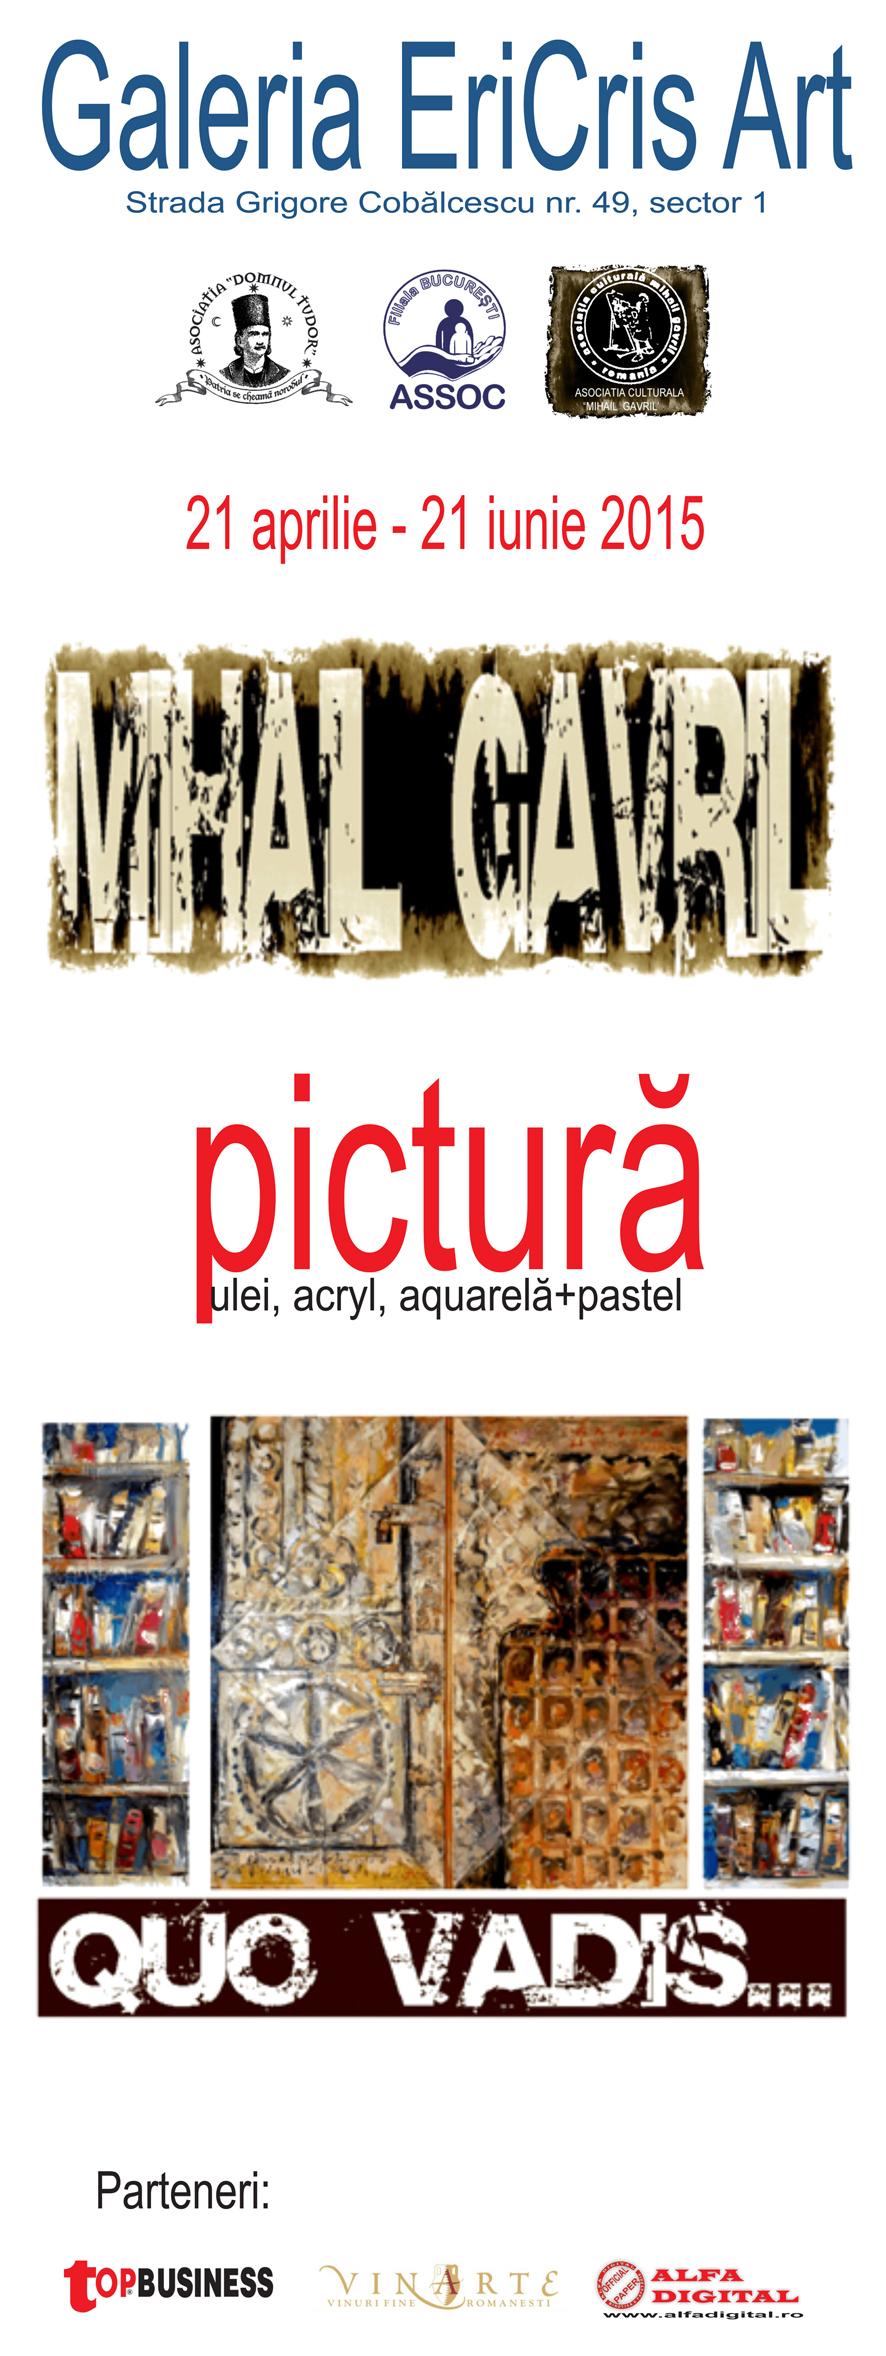 Mihail Gavril – Quo Vadis @ GALERIA ERICRIS ART